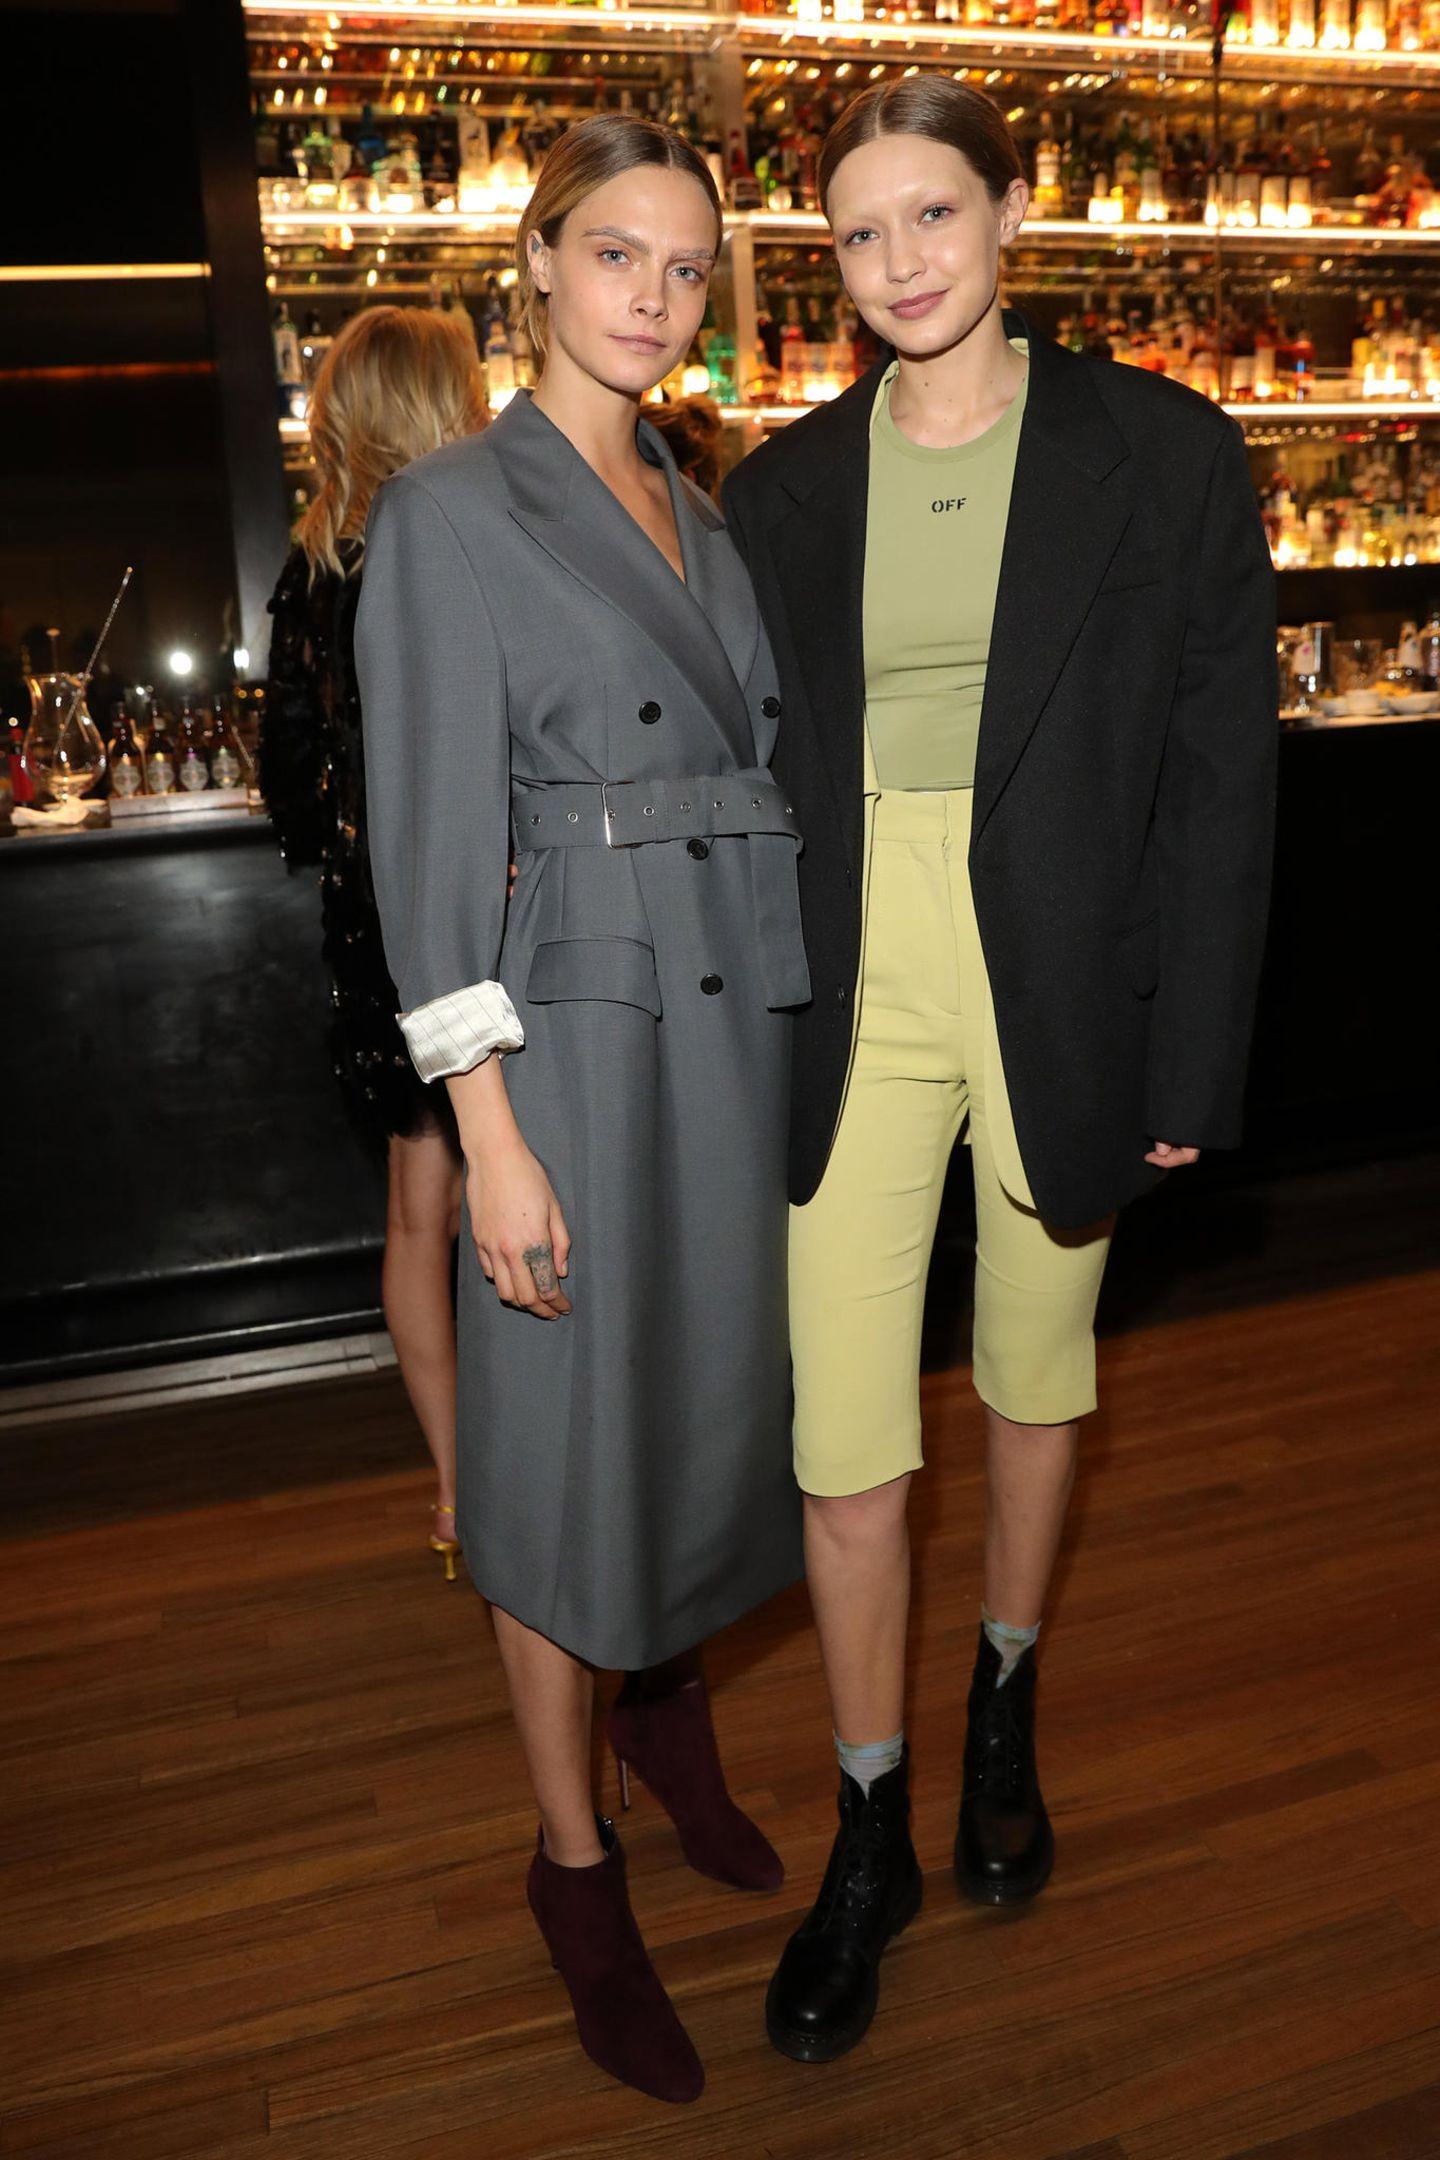 Erst die Arbeit, dann das Vergnügen: Cara Delevingne und Gigi Hadid liefen erst für Prada über den Runway und posieren beim anschließenden Dinner für die Fotografen.